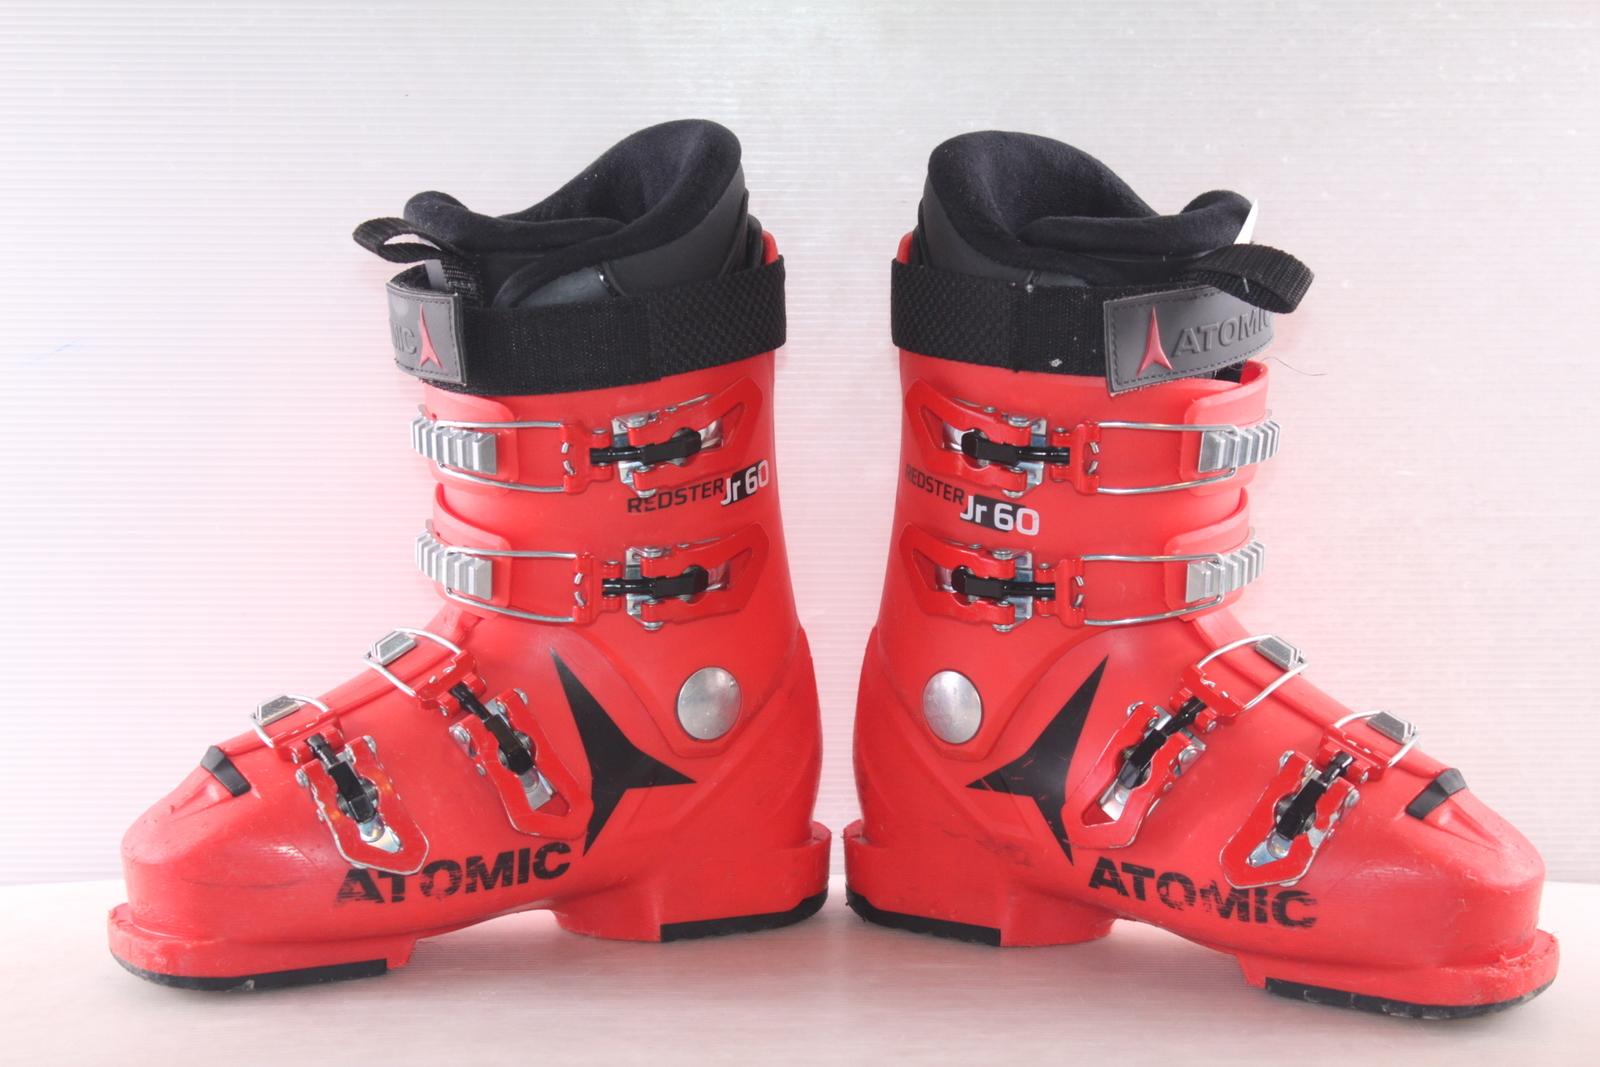 Dětské lyžáky Atomic Redster JR 60 vel. EU36 flexe 60